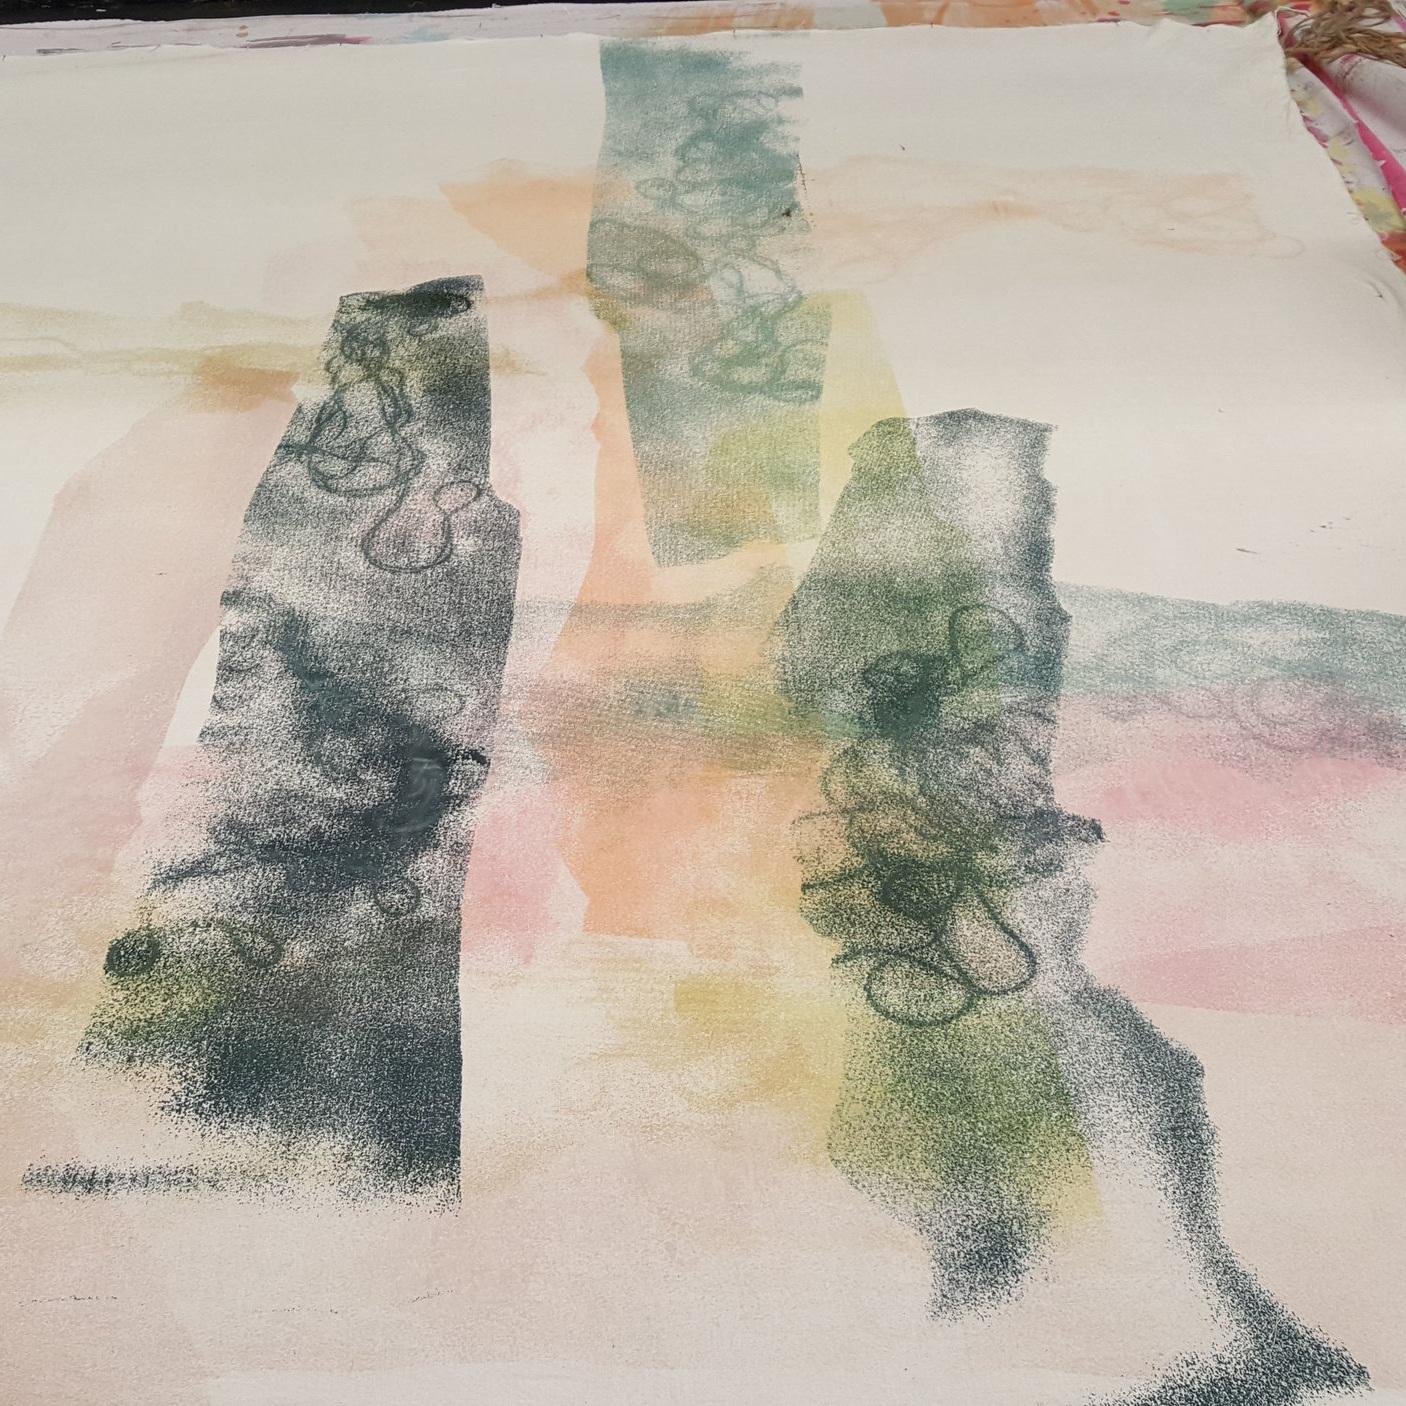 Marianne Bauer's work